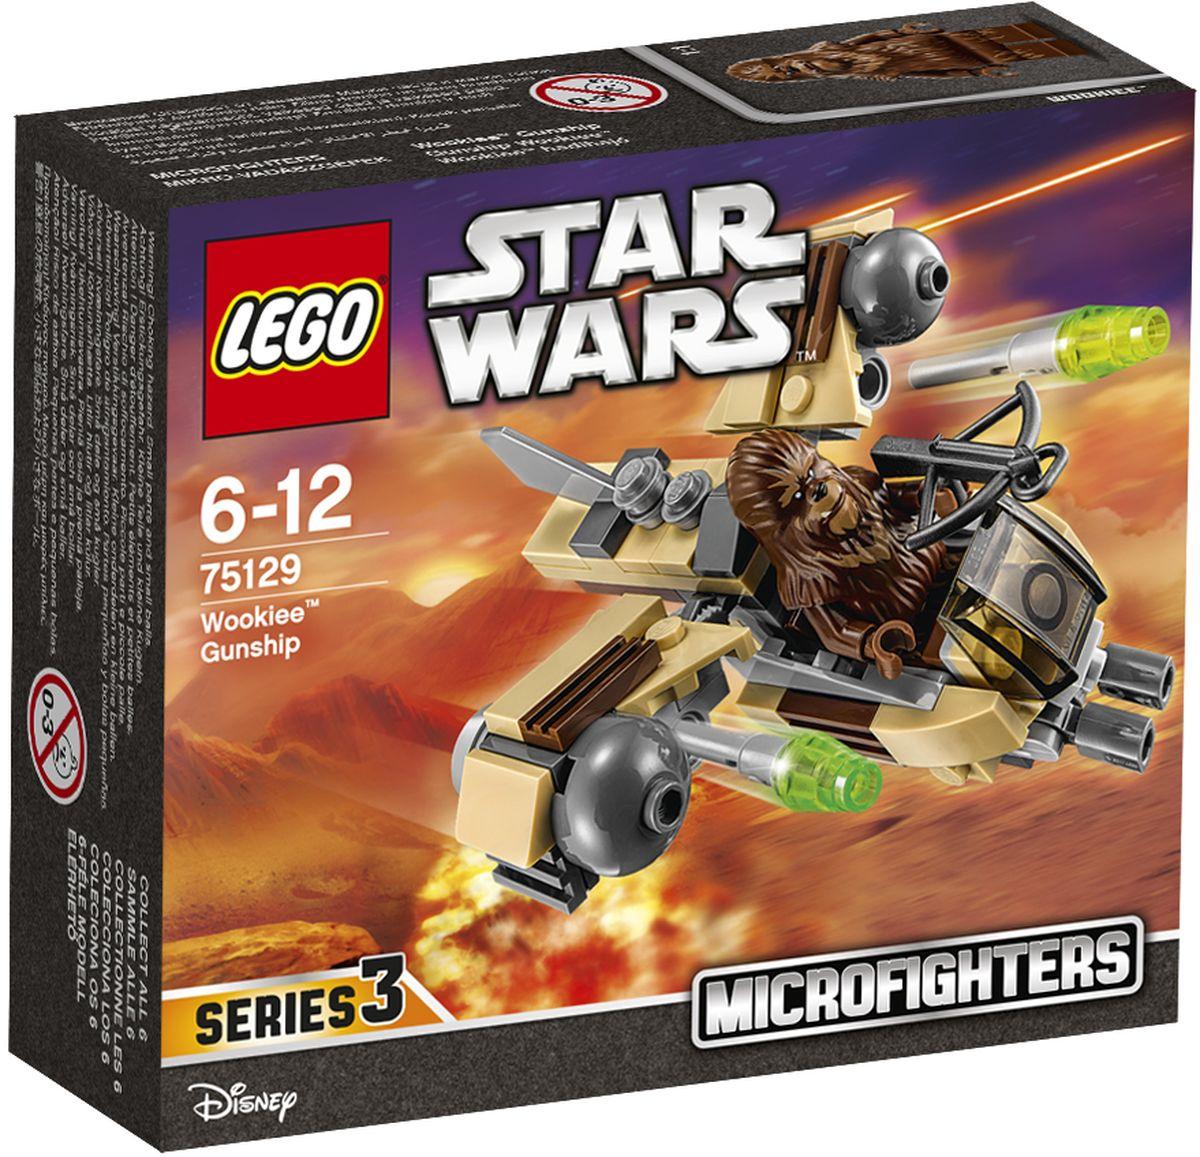 LEGO Star Wars Конструктор Боевой корабль Вуки 7512975129Конструктор Lego Star Wars Боевой корабль Вуки приведет в восторг любого поклонника знаменитой космической саги Звездные войны. Конструктор содержит 84 пластиковых элемента, с помощью которых вы сможете собрать оригинальную боевую машину из вселенной Звездных войн. Когда вторгаются вражеские силы, самое время вызвать боевой миникорабль Вуки. Посадите Вуки в кабину, зарядите ракеты и спешите в бой! Все элементы набора выполнены из прочного безопасного пластика. Корабль стреляет небольшими снарядами, входящими в набор. Также в набор входит фигурка пилота-вуки Игры с конструкторами помогут ребенку развить воображение, внимательность, пространственное мышление и творческие способности. Такой конструктор надолго займет внимание малыша и непременно станет его любимой игрушкой.